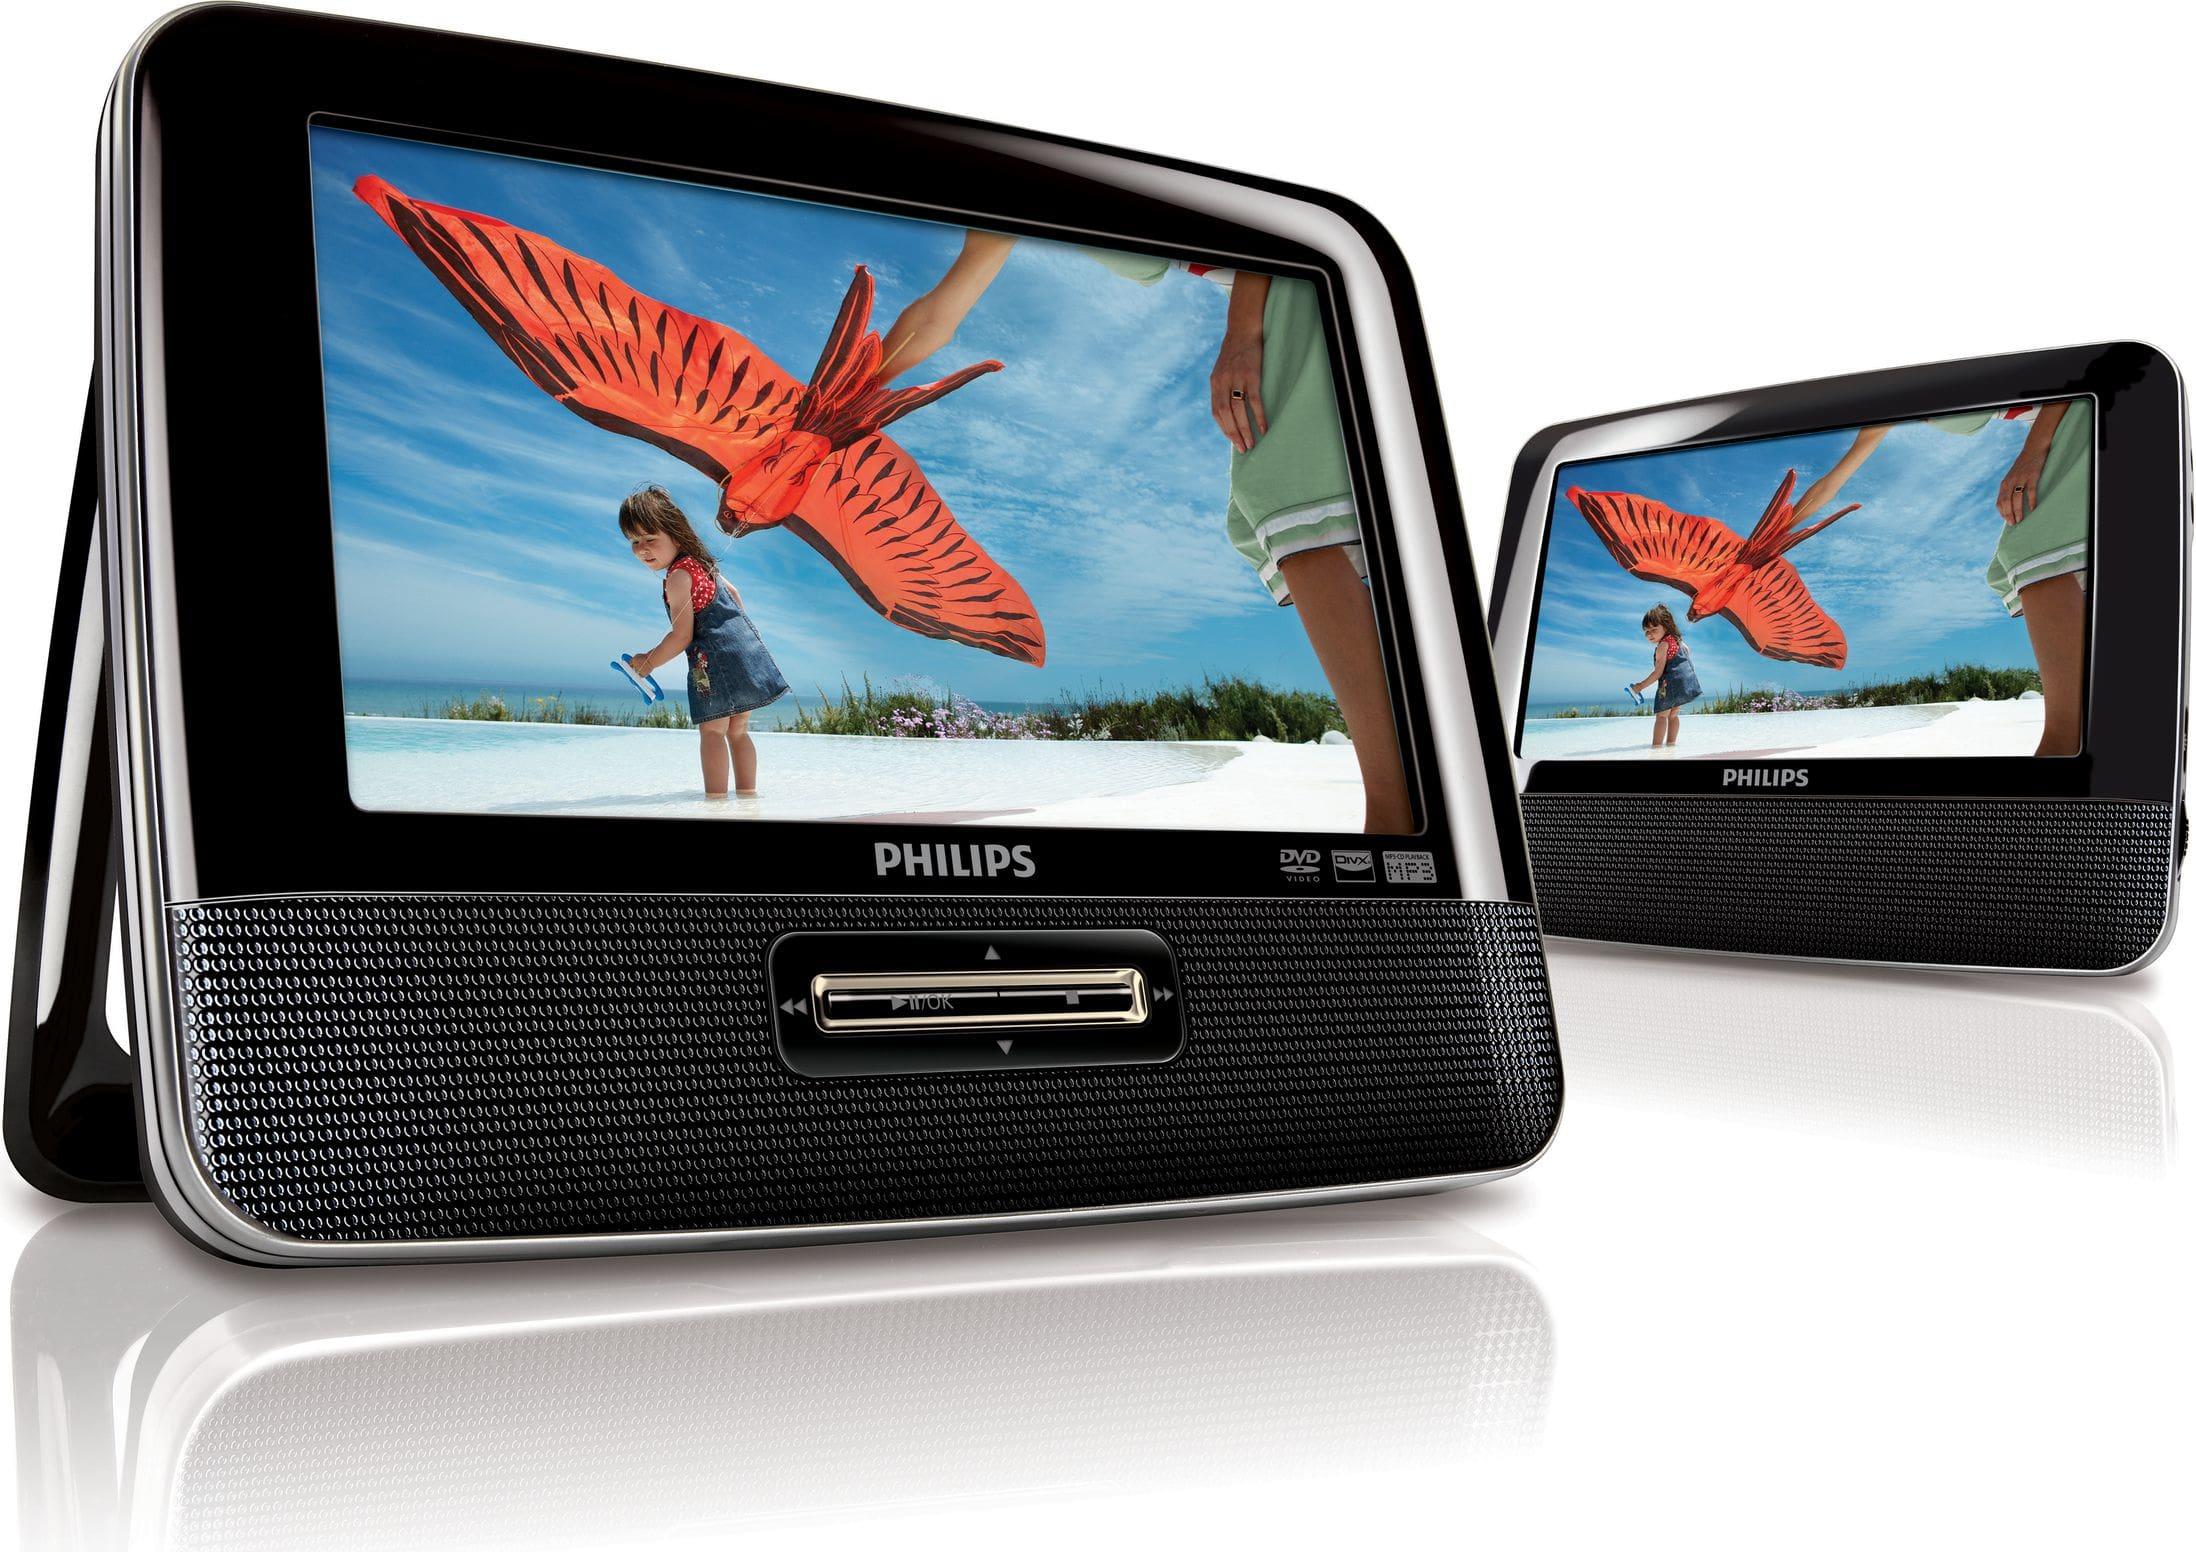 Philips PD7022/12 tragbarer DVD-Player 2x 18cm LCD-TFT-Bildschirm für 149,99 Euro